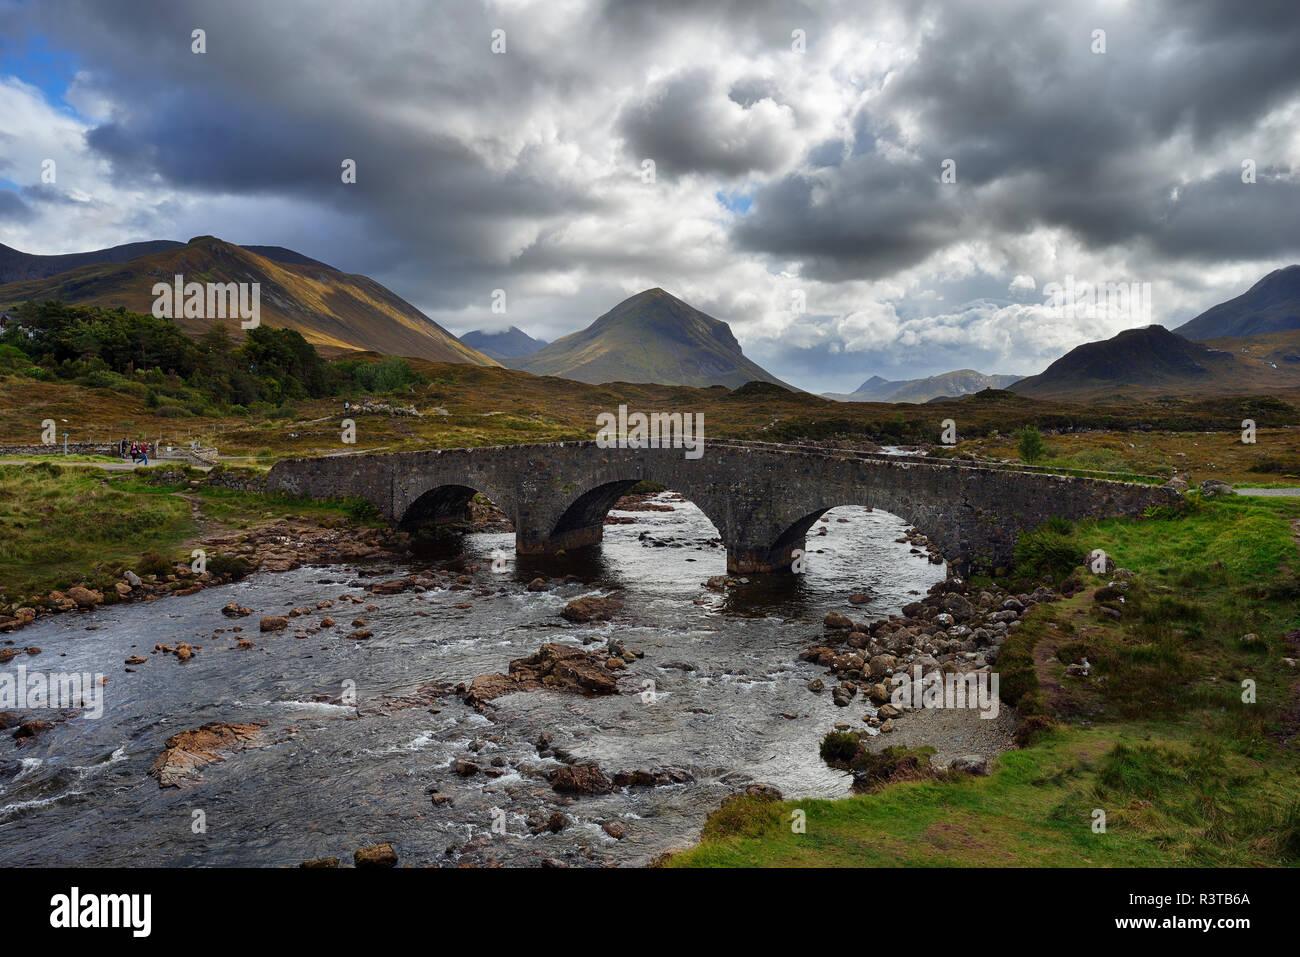 Royaume-uni, l'Écosse, les Highlands écossais, l'île de Skye, le vieux pont de pierre sur river Sligachan Sligachanr Banque D'Images